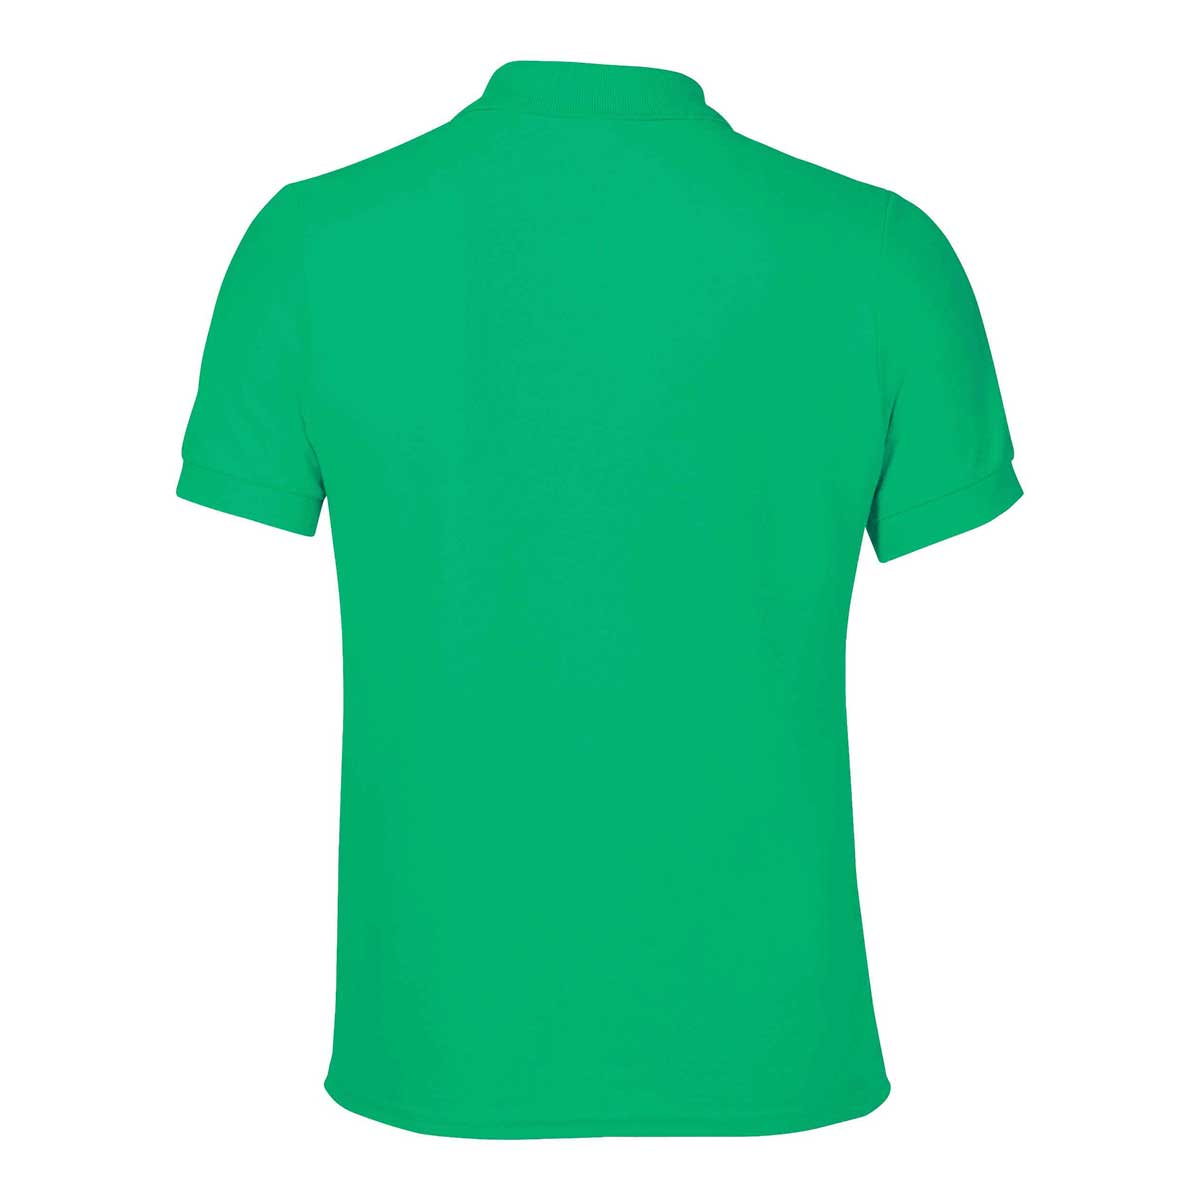 05_ba301_vert--0-0--84c8ffaf-8da2-49c2-b15a-42408a6d6df9